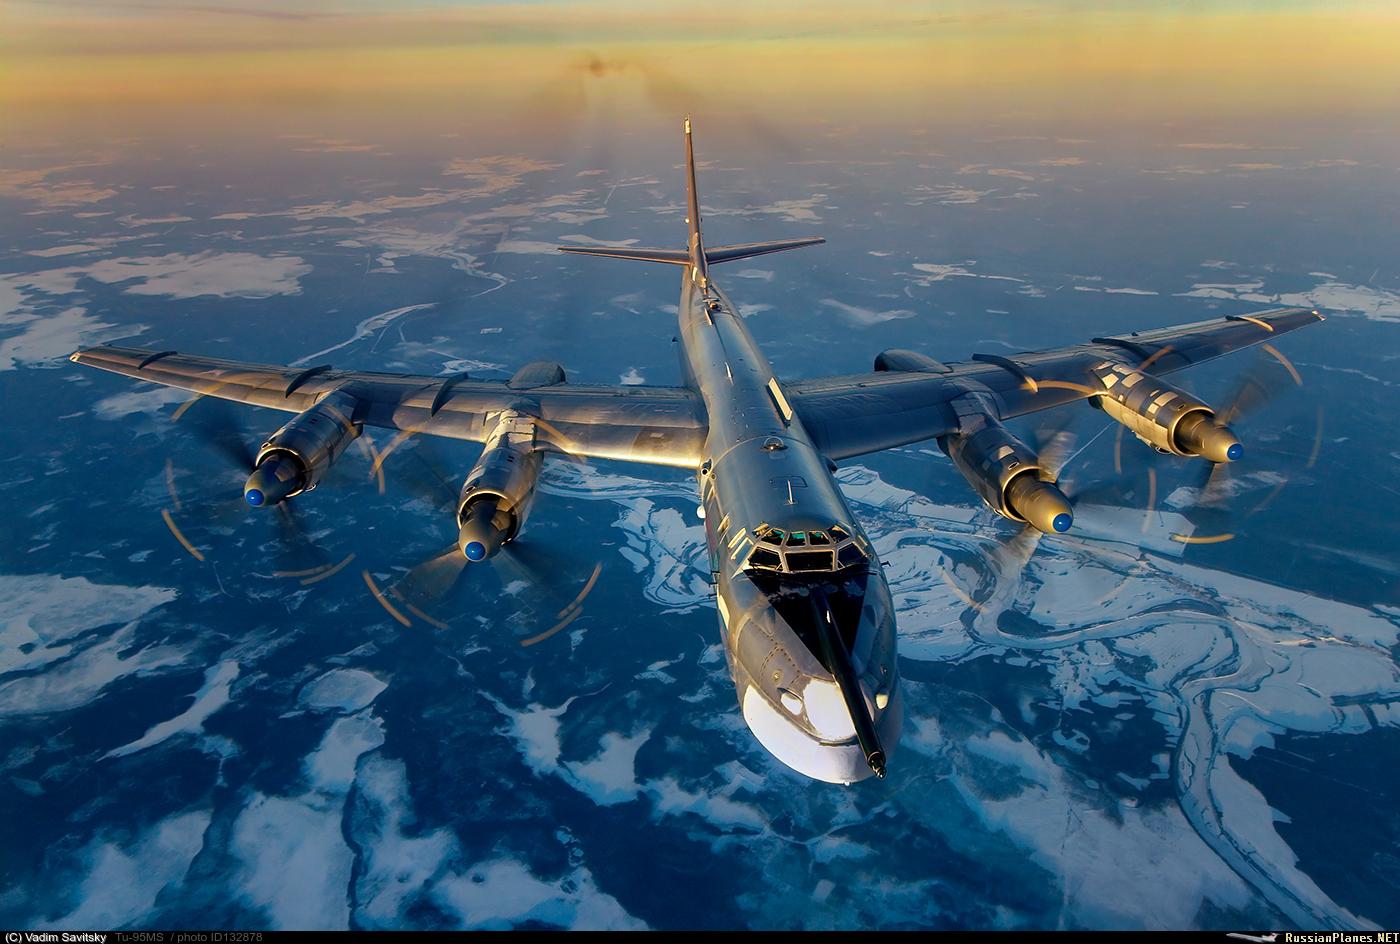 Bombardeiros Tupolev Tu-95 voam sobre espaço aéreo do EUA no Alasca sem serem incomodados/interceptados